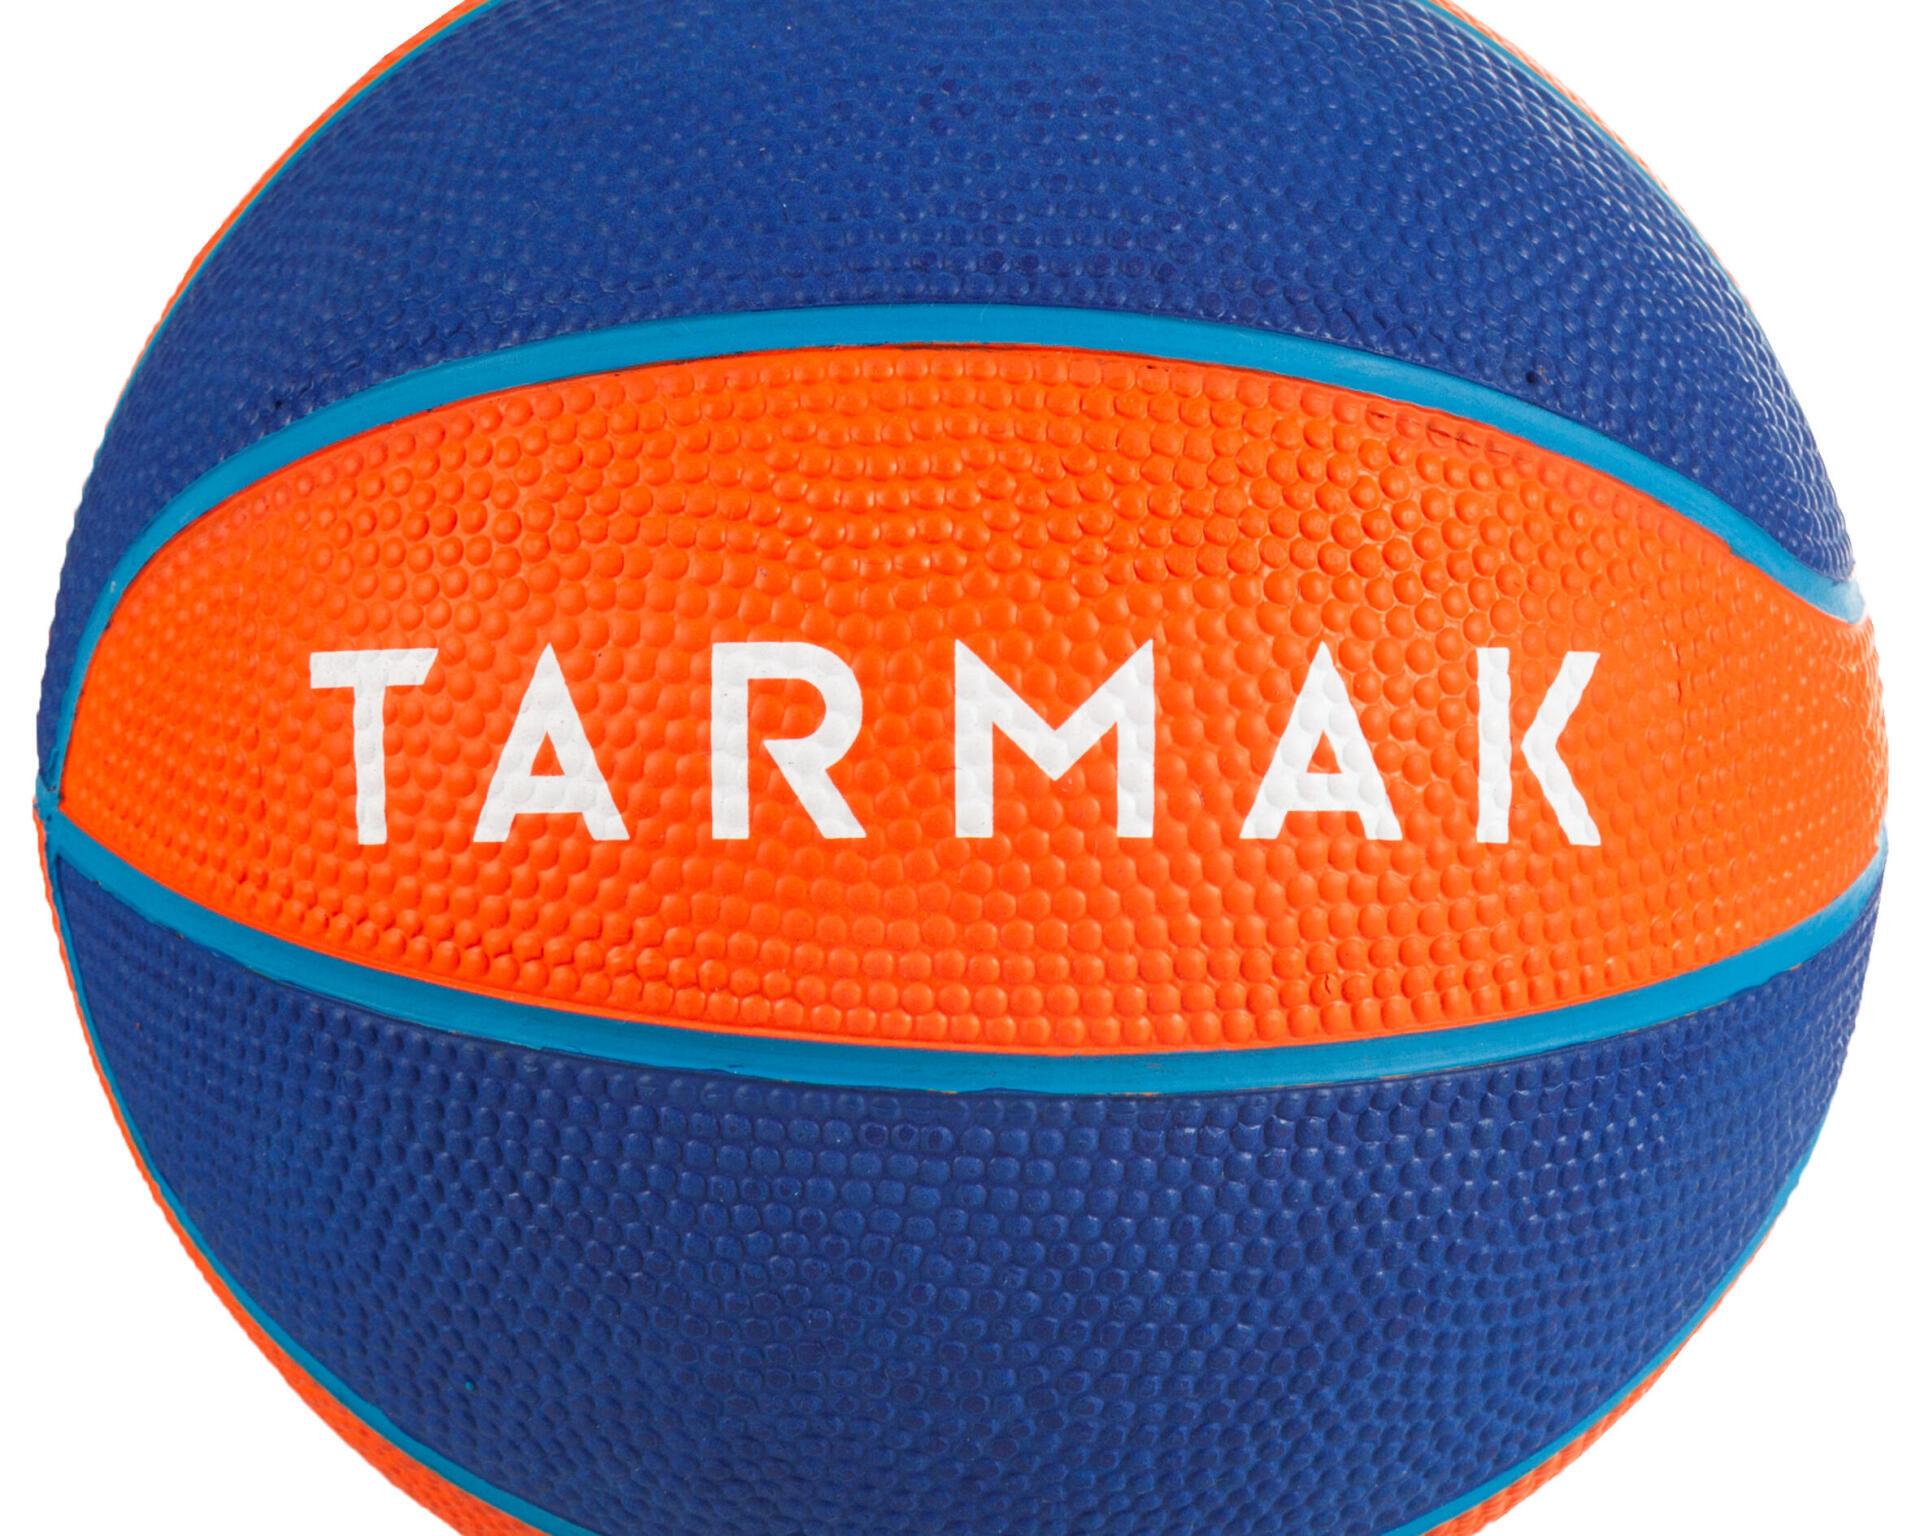 籃球尺寸 1 號球